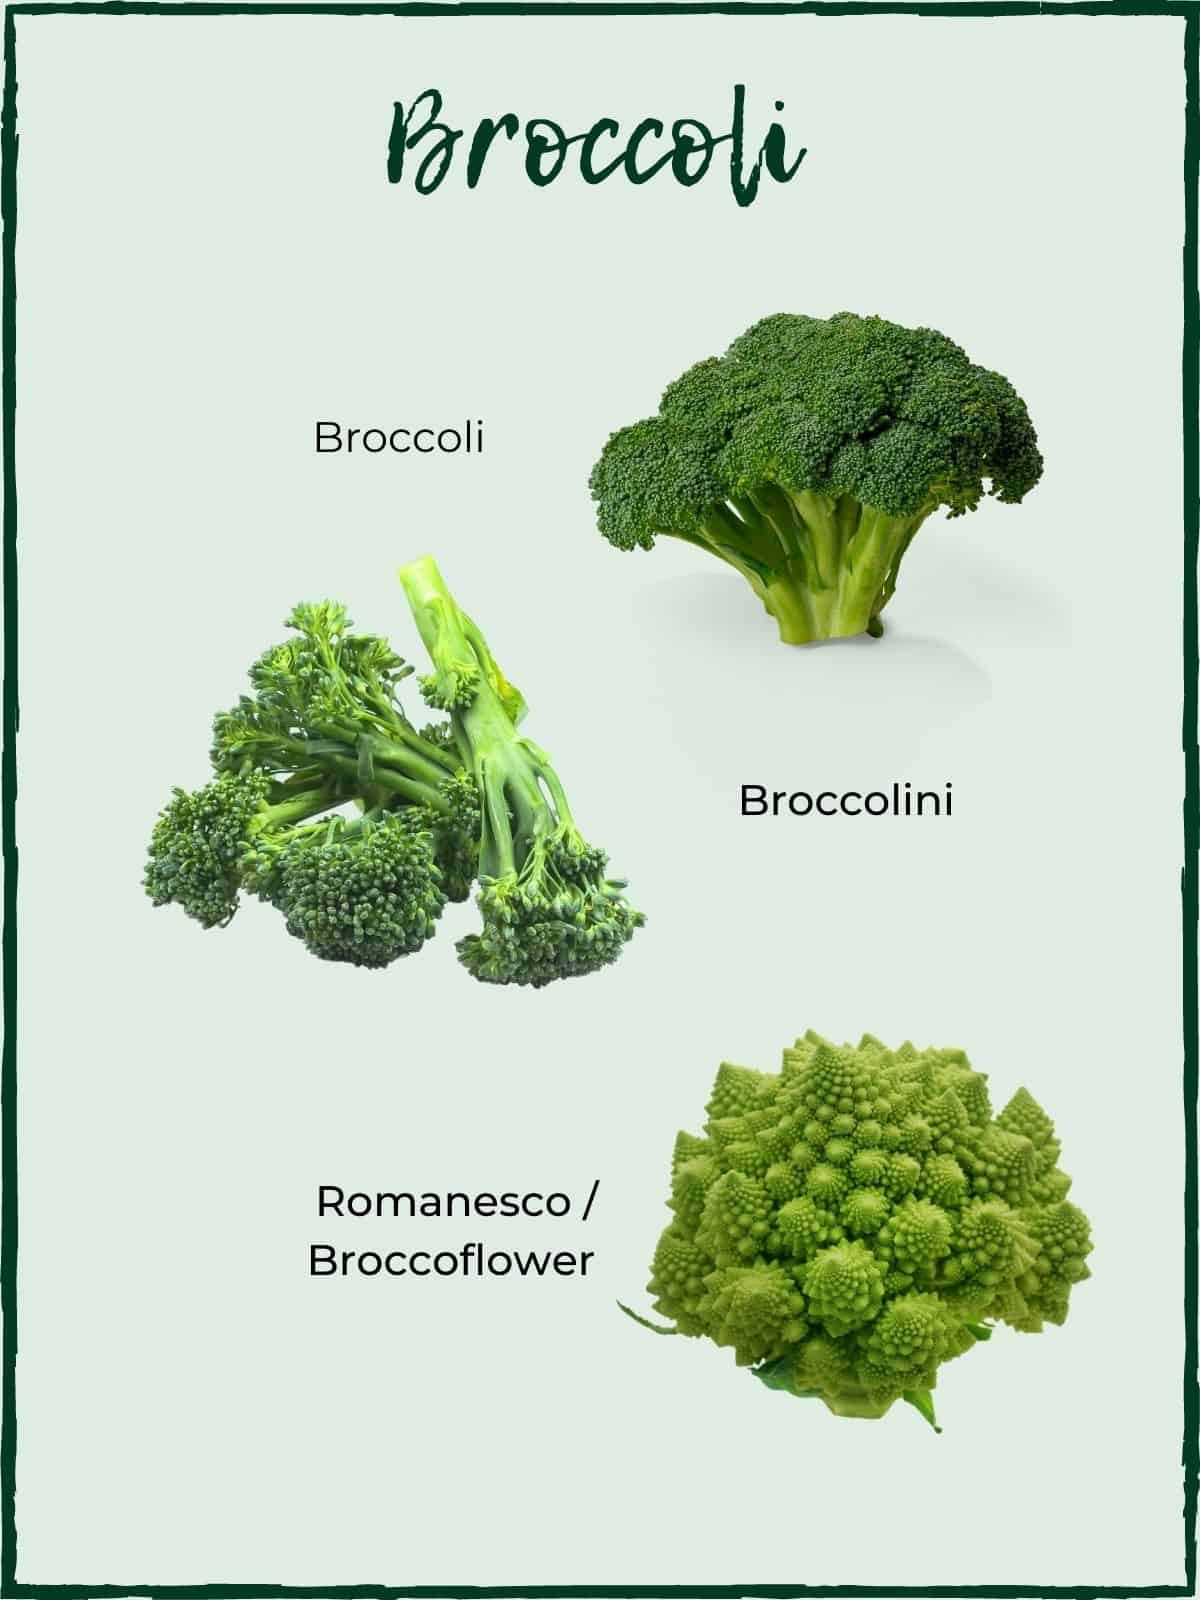 Broccoli varieties